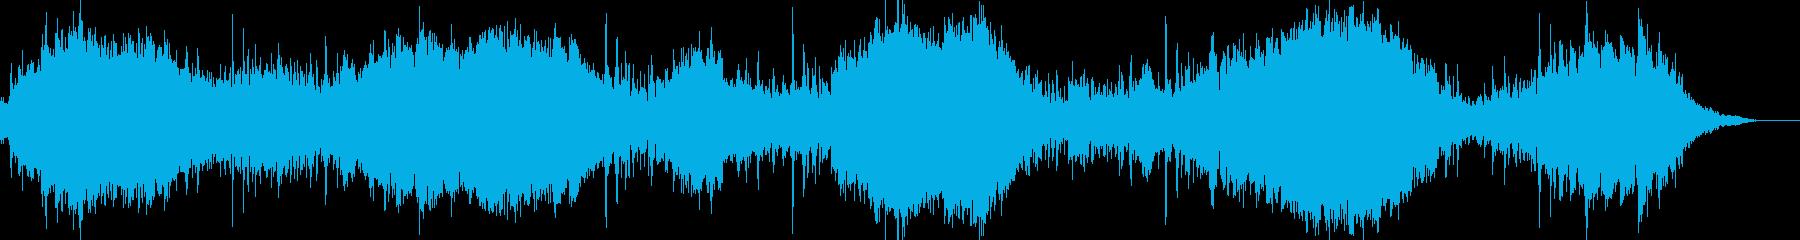 サスペンス&ホラー向きの緊迫したBGMの再生済みの波形